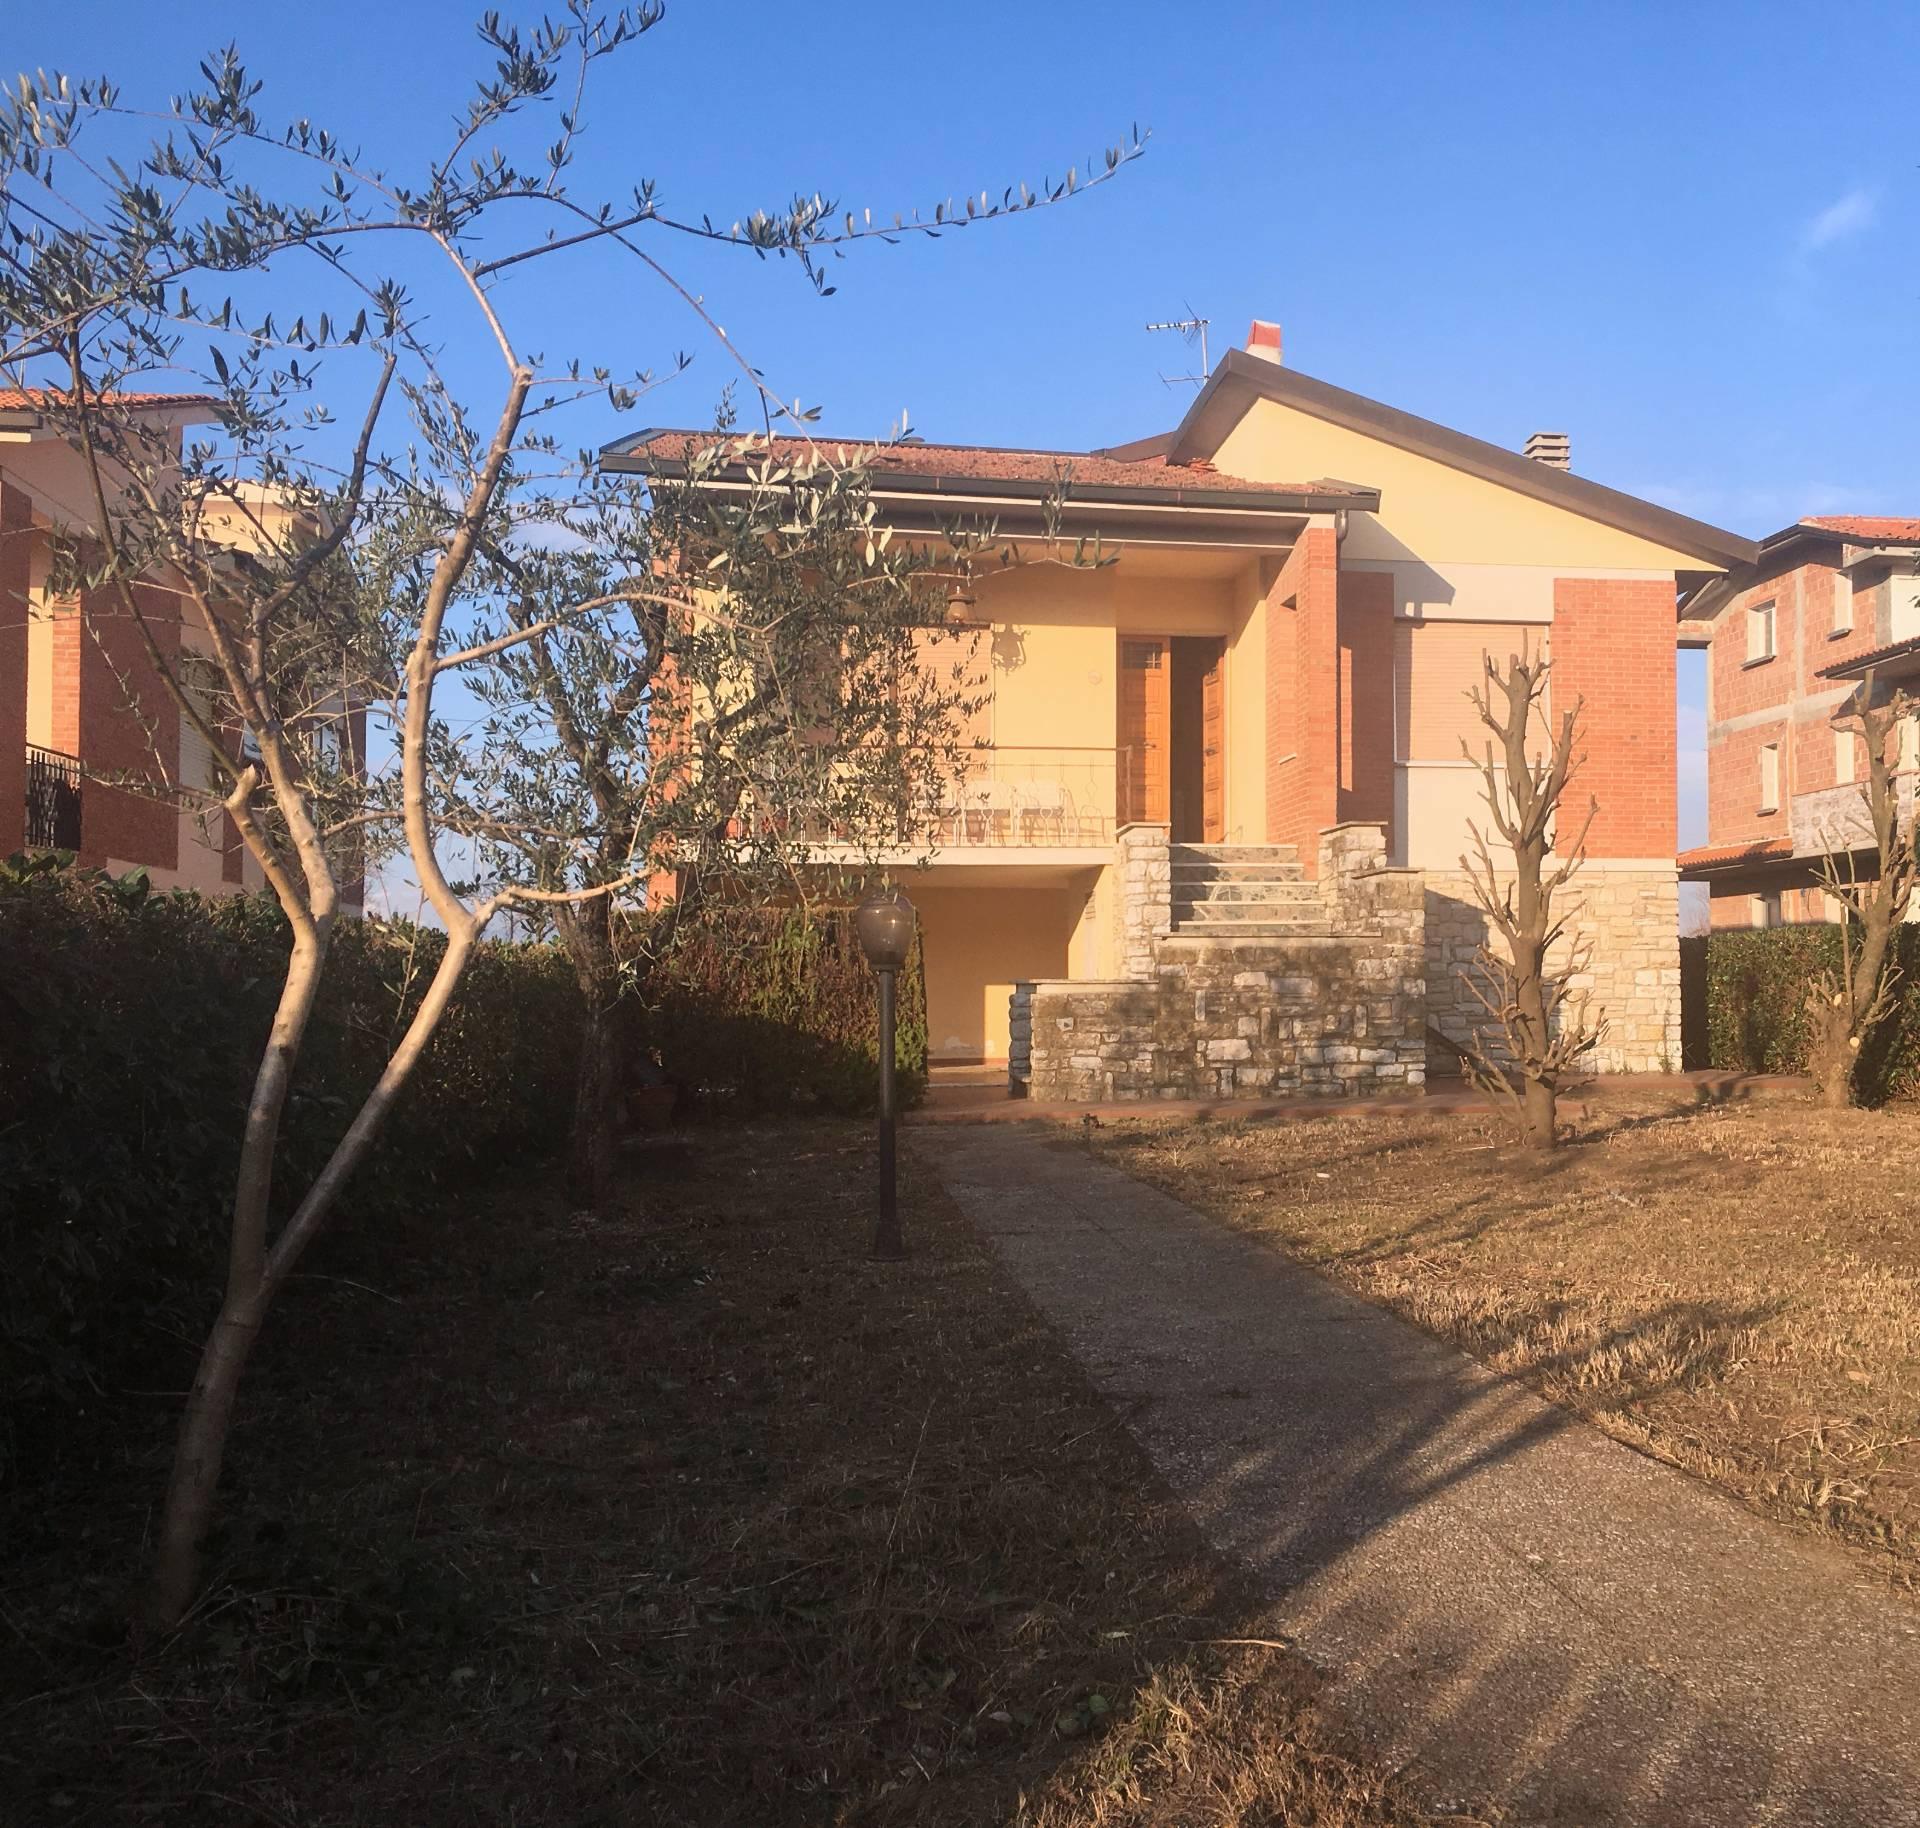 Villa in vendita a Bientina, 5 locali, prezzo € 275.000 | Cambio Casa.it